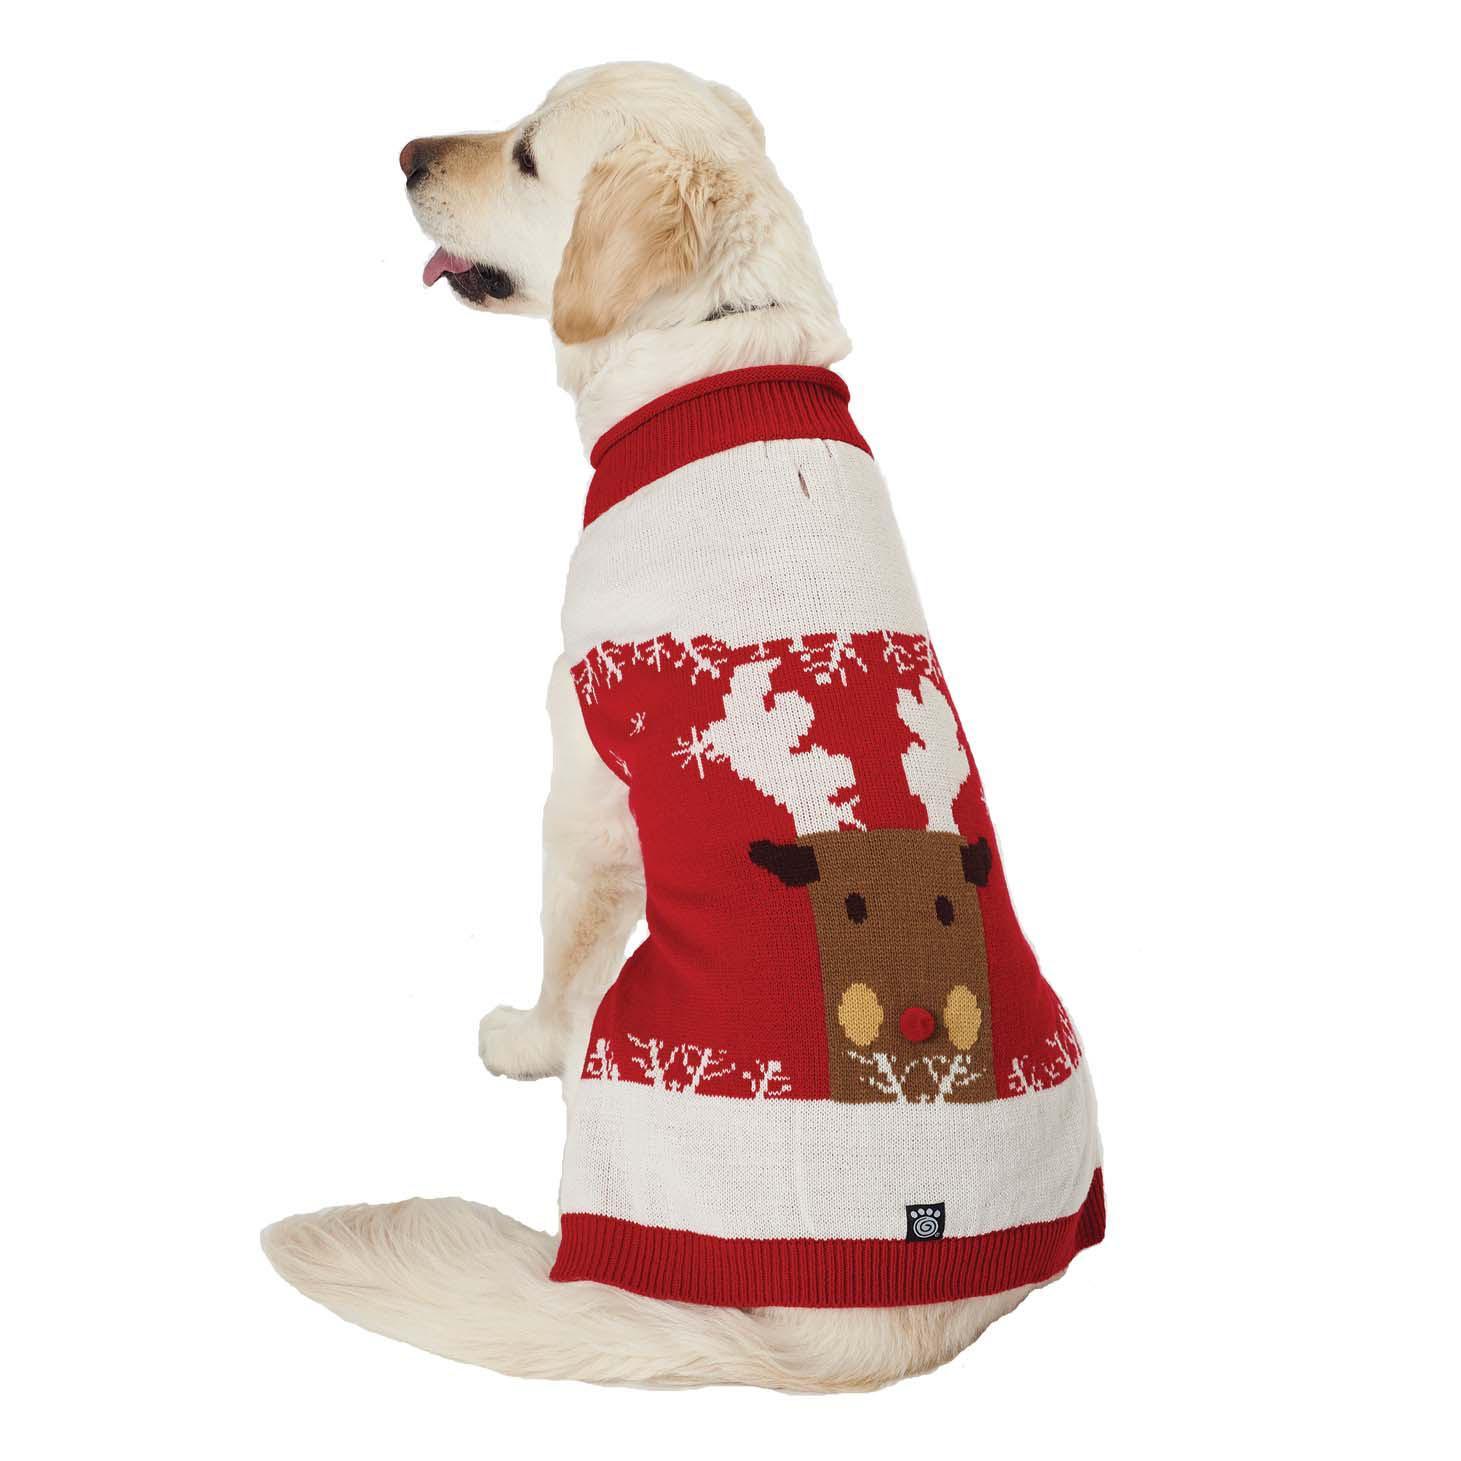 Blitzen's Sparkle Reindeer Dog Sweater - Red